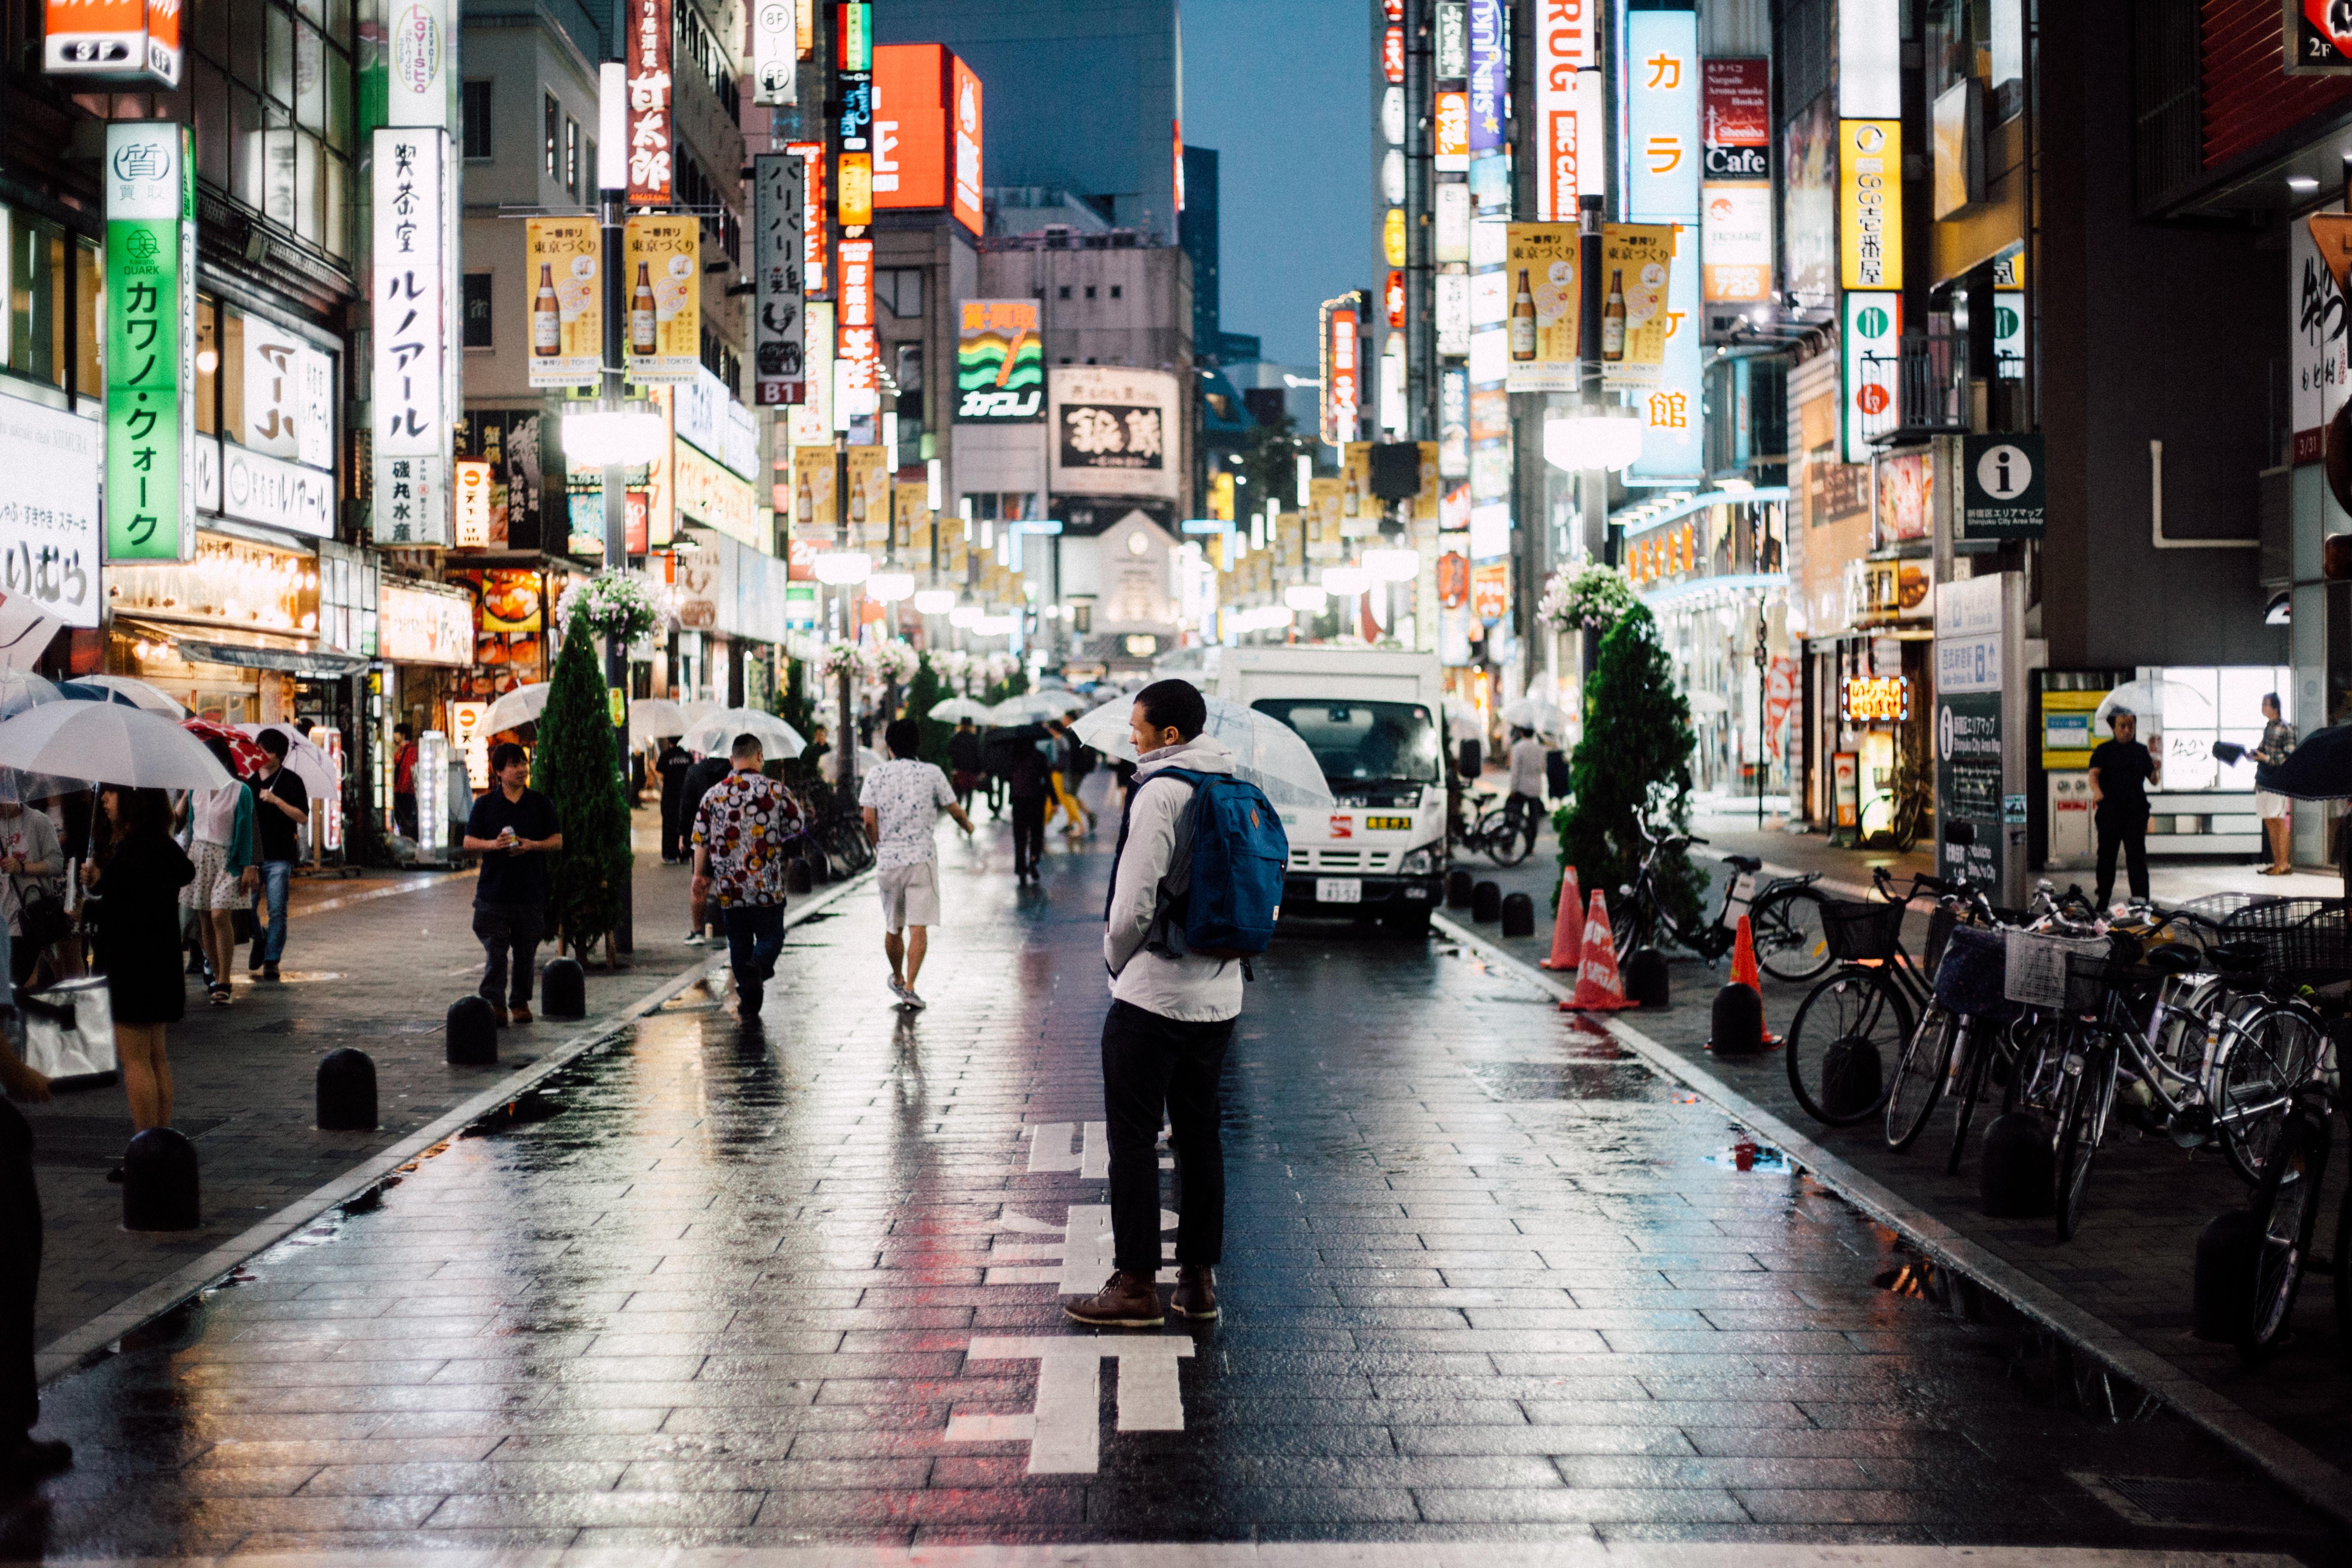 就活で留学経験をガクチカに書きたい!気をつけるべきポイントとは?